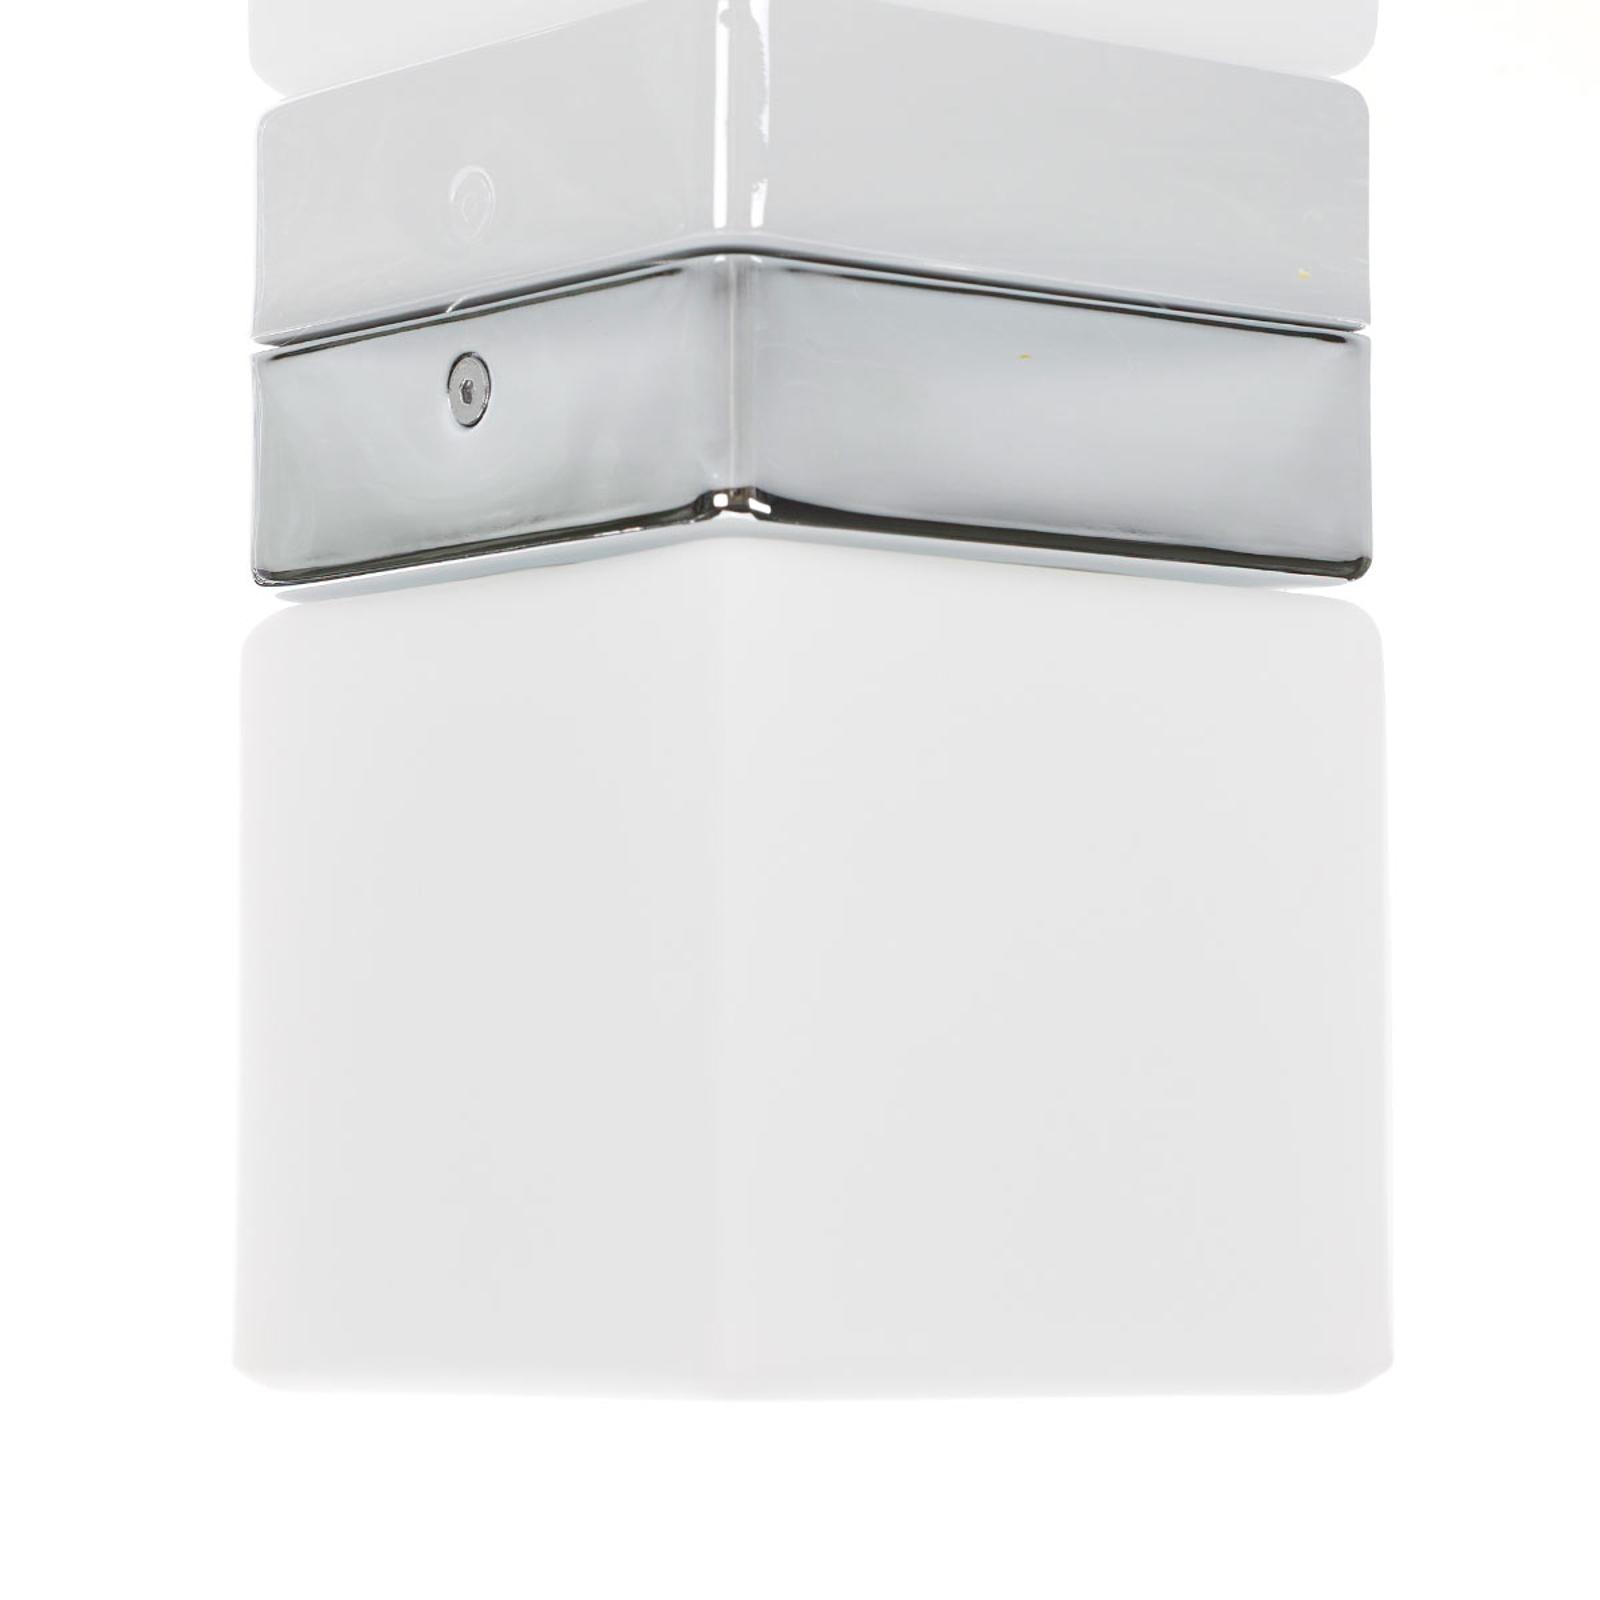 Produktové foto Helestra Helestra Keto stropní LED světlo, koupelny krychle